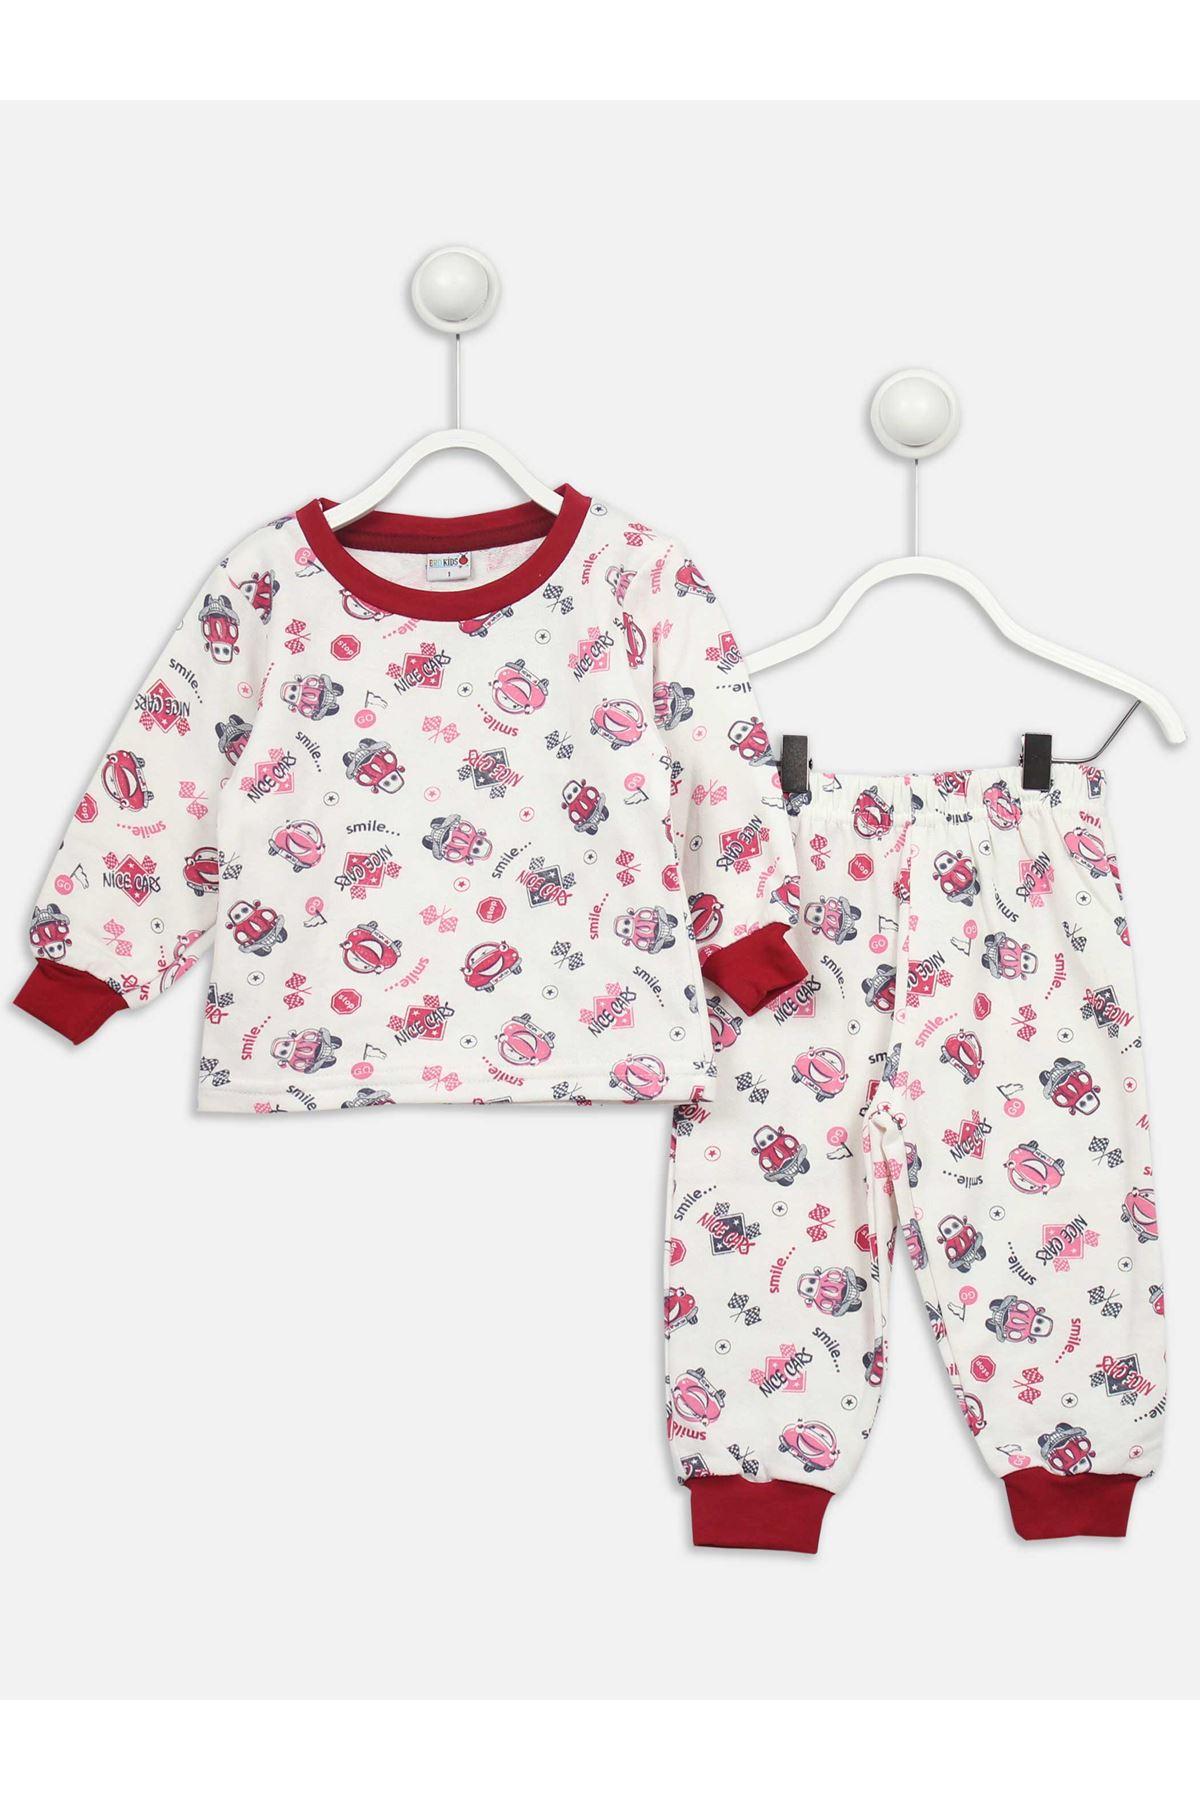 Beyaz Araba Desenli Kız Çocuk Pijama Takımı